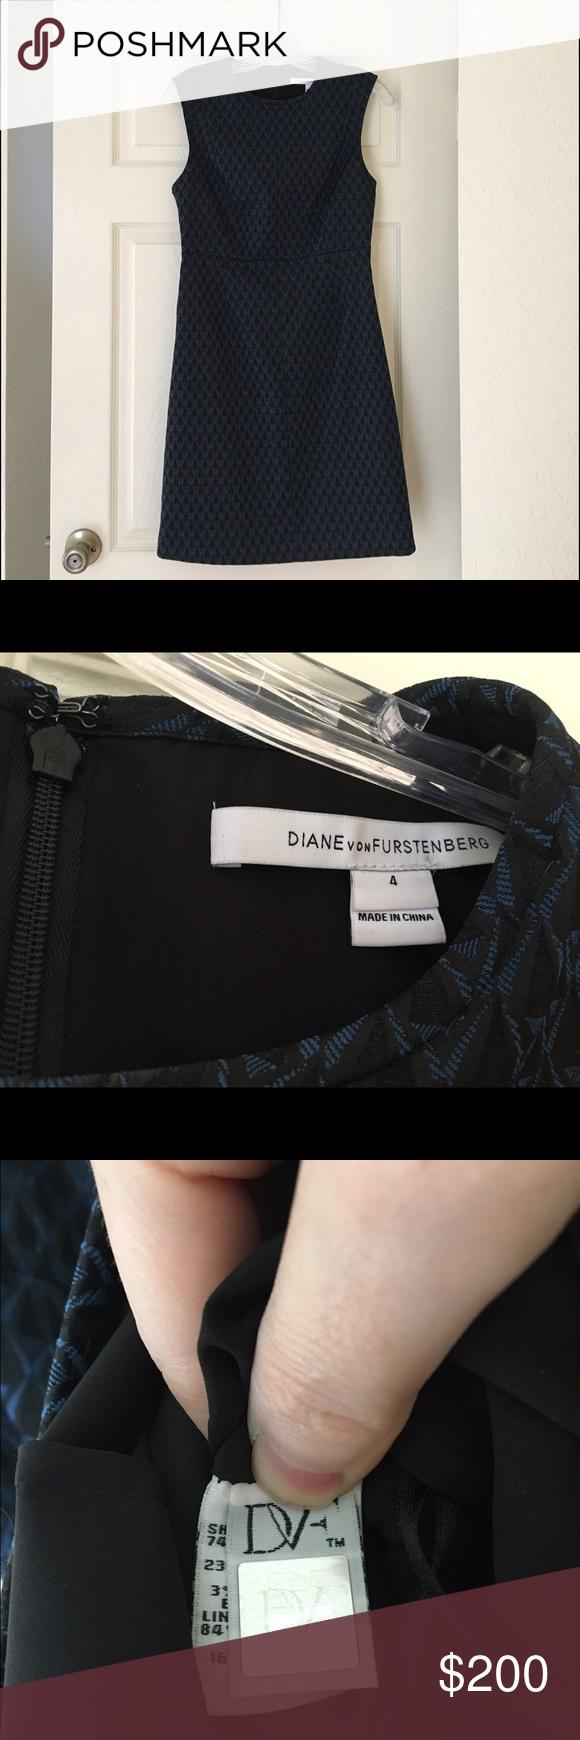 Diane Von Furstenburg Madyson dress Jacquard blue and black DVF dress. Worn twice but in perfect condition. Runs large. Diane von Furstenberg Dresses